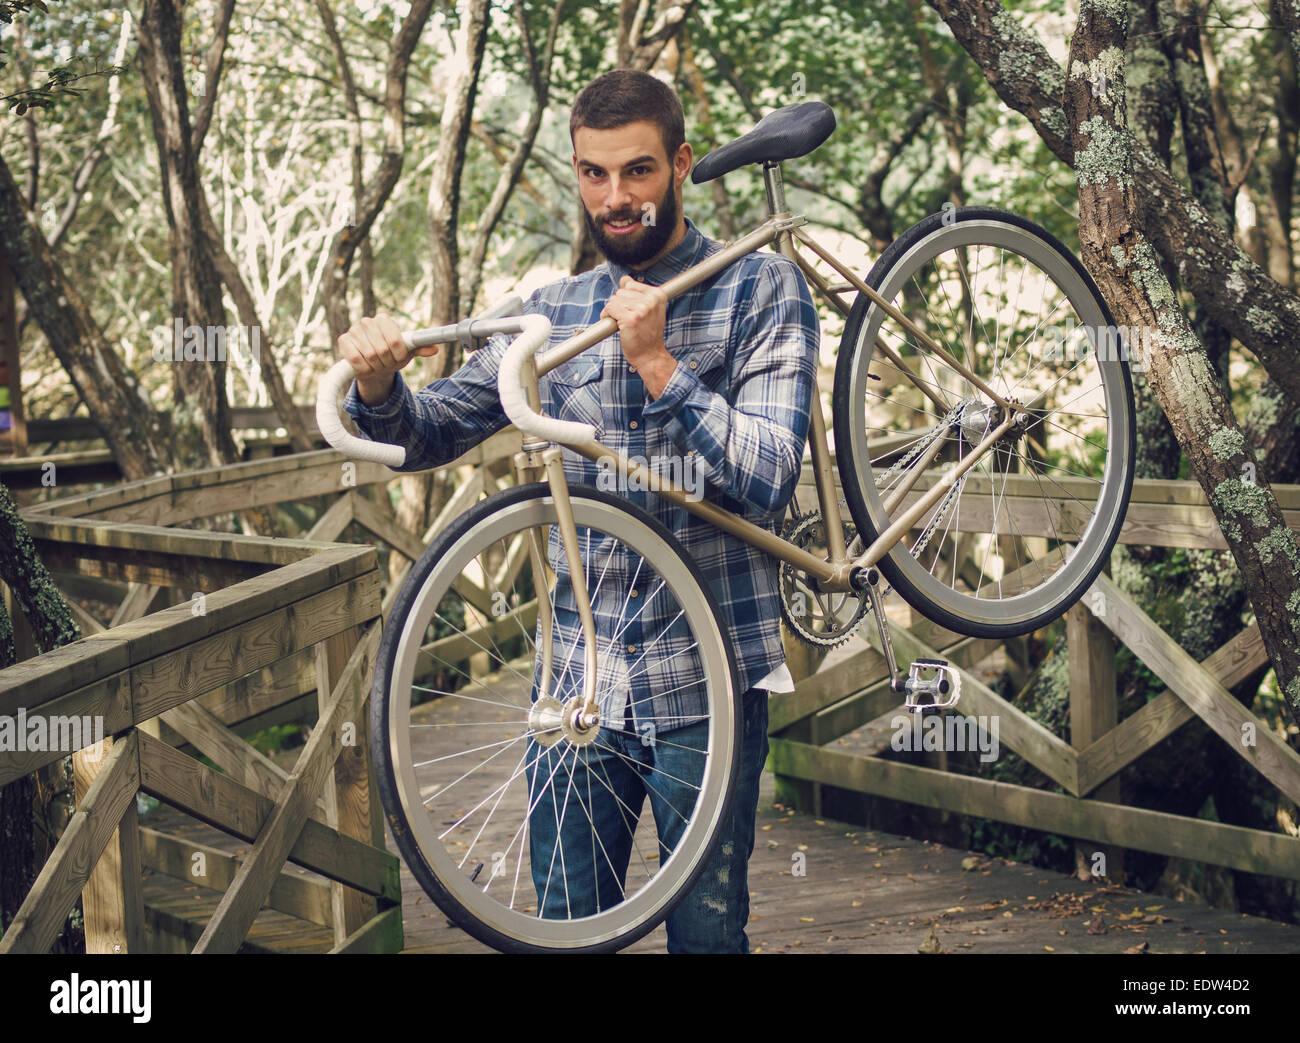 Hipster hombre sujetando su bicicleta en un parque al aire libre Imagen De Stock